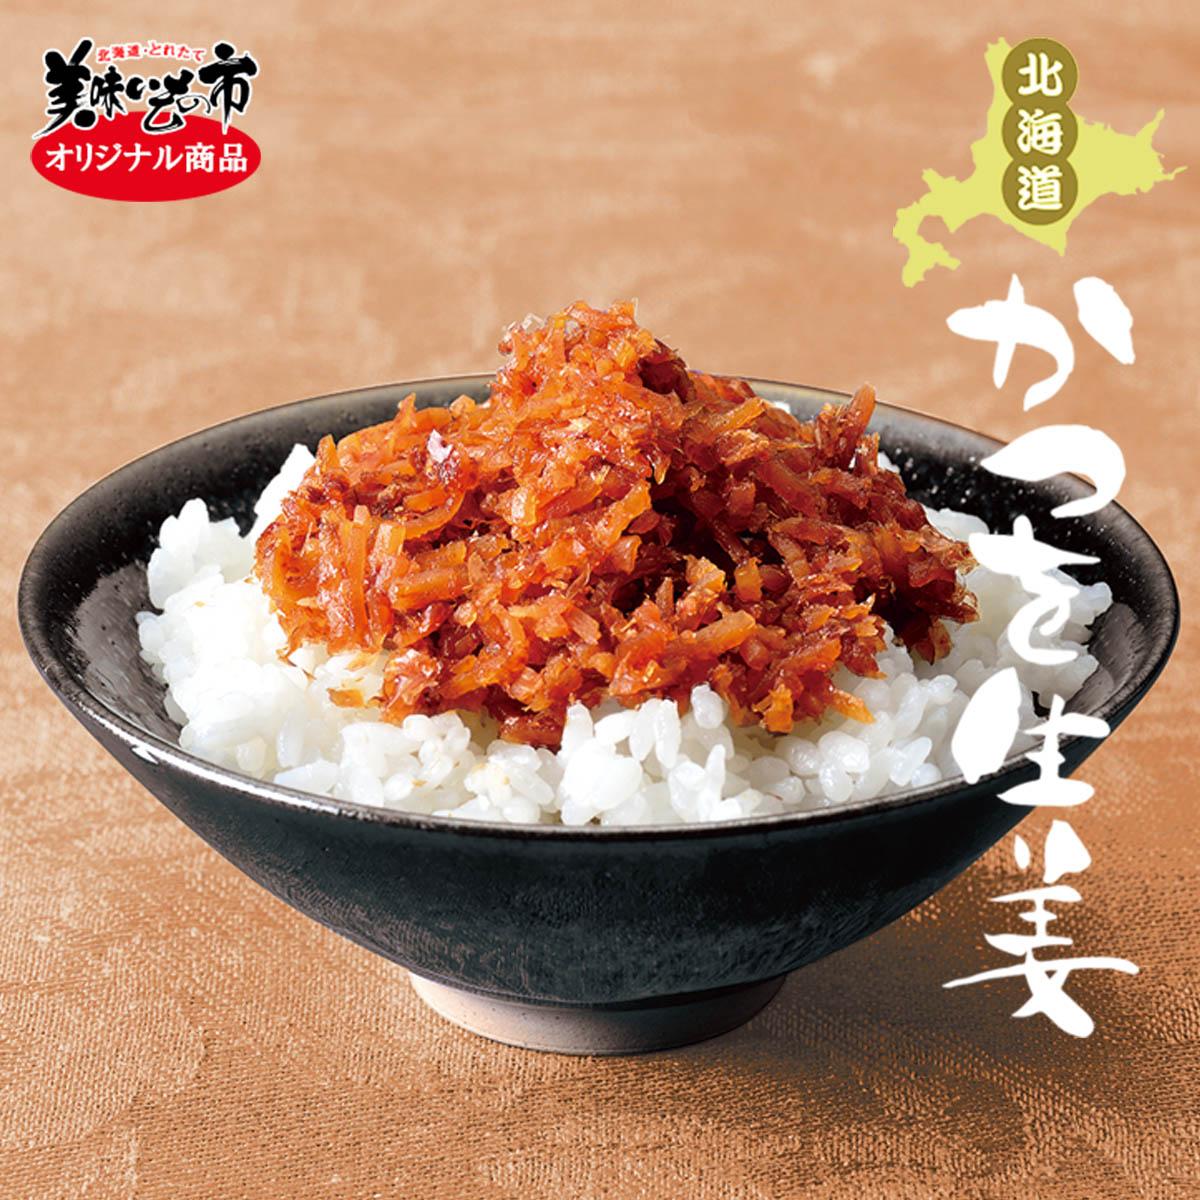 静岡県沼津産のカツオ節と北海道産の生姜を一緒に大釜で直火炊きしました 鰹しょうが佃煮 110g×3袋 豊富な品 ねこぶだし 直輸入品激安 とれたて から新発売 でおなじみ 美味いもの市